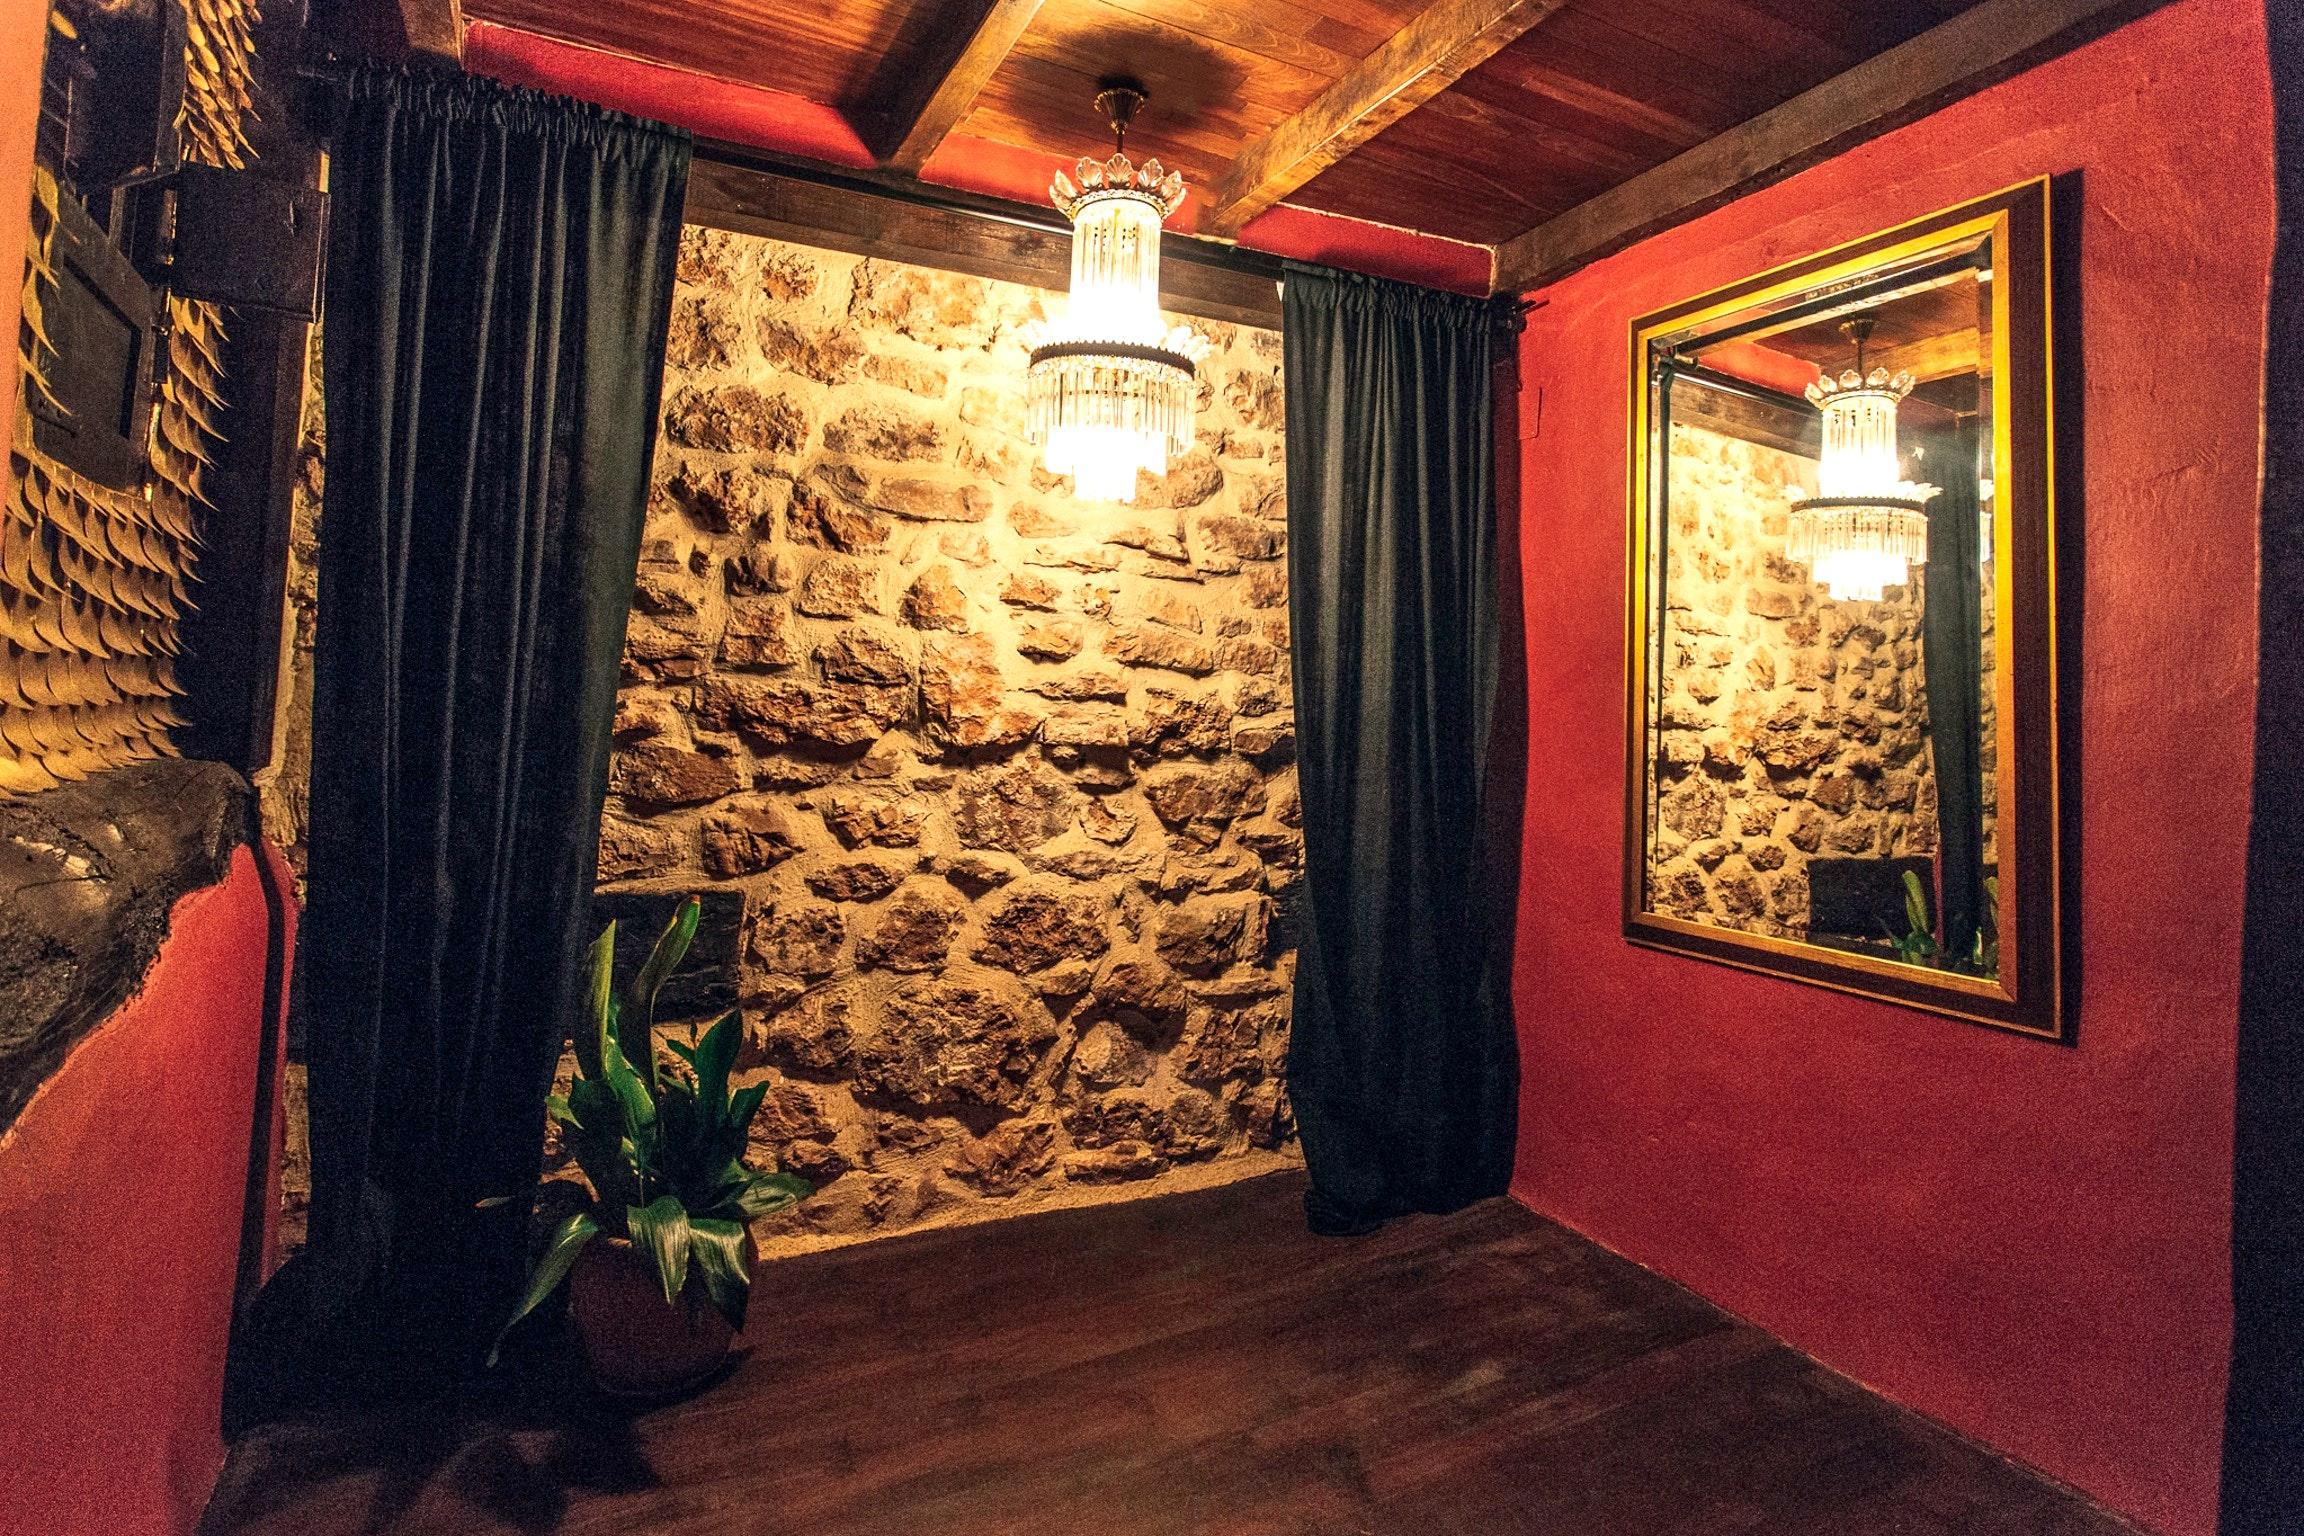 Ferienhaus Haus mit 5 Zimmern in Fuenteodra mit toller Aussicht auf die Berge, eingezäuntem Garten un (2211142), Fuenteodra, Burgos, Kastilien-León, Spanien, Bild 44